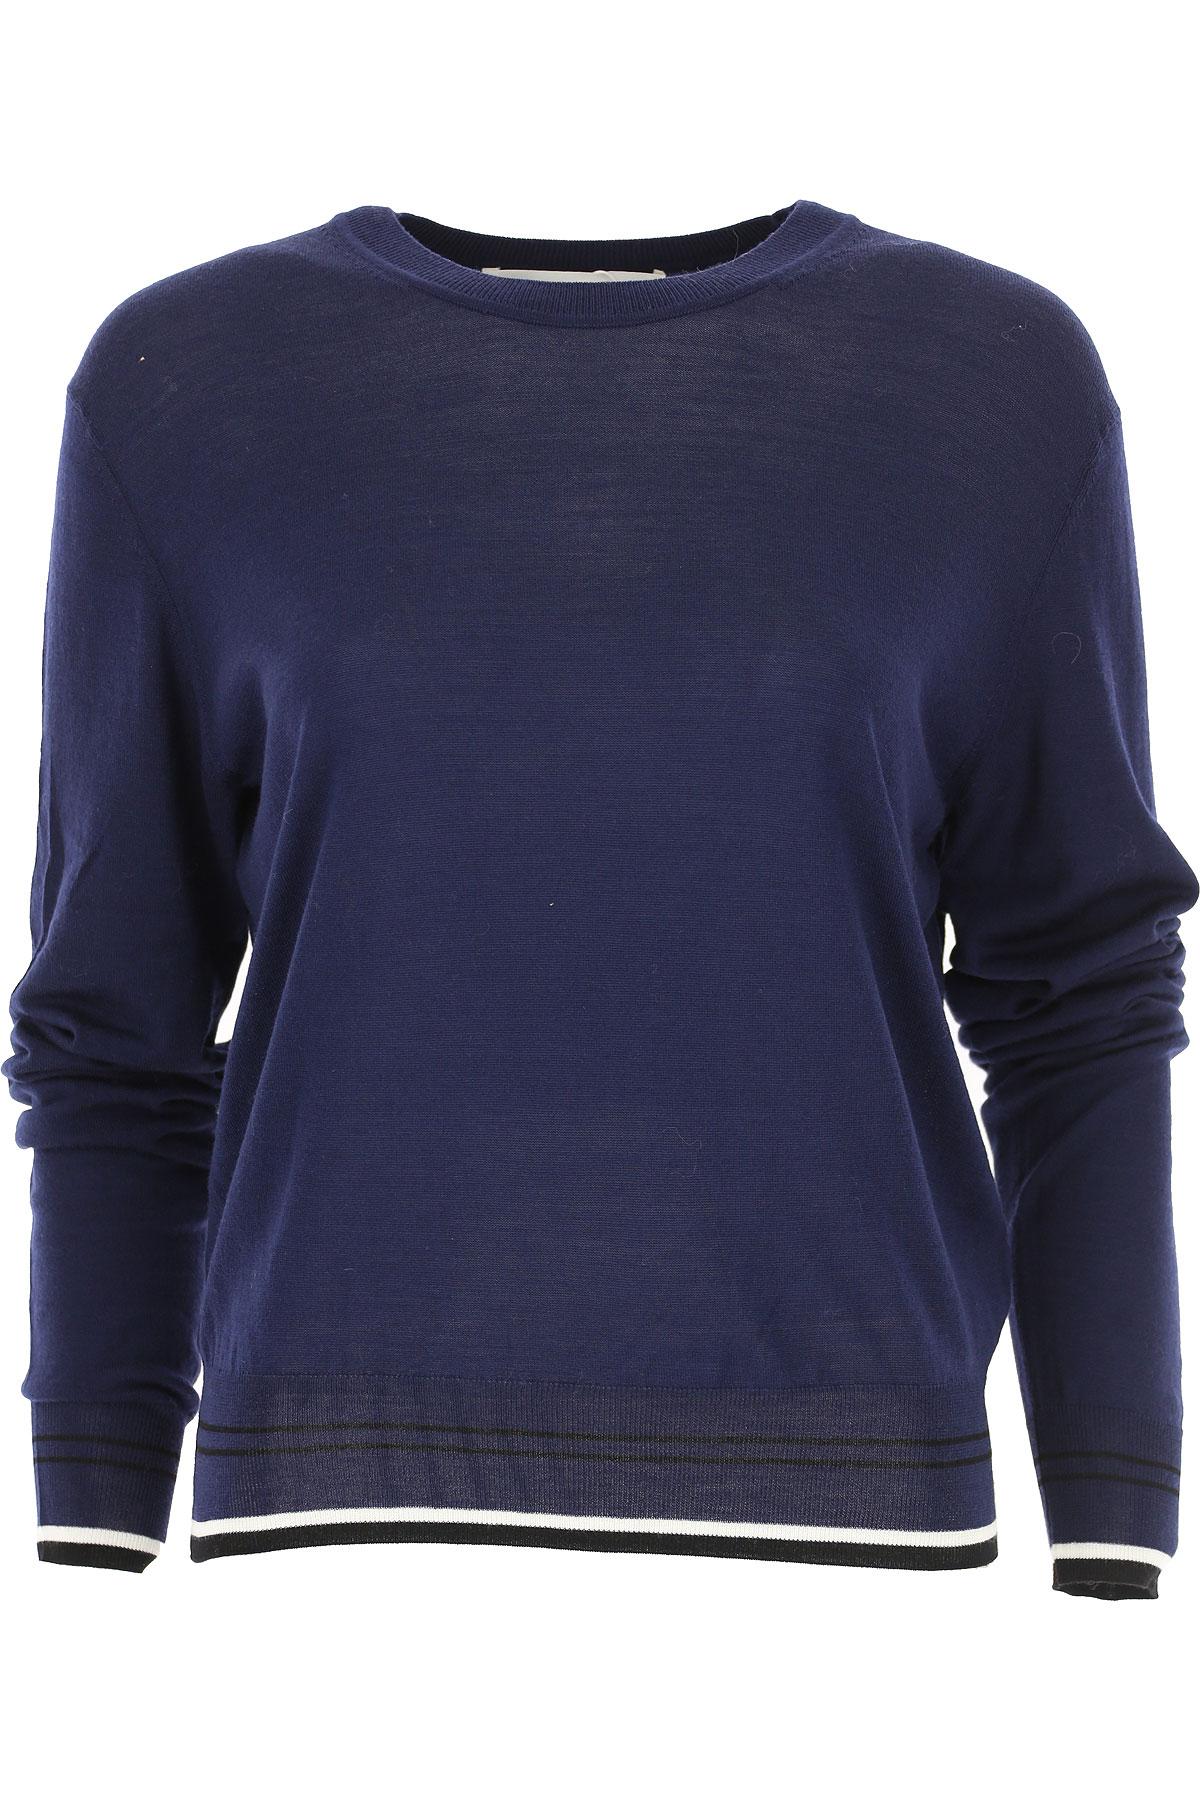 Image of Diane Von Furstenberg Sweater for Women Jumper, navy, merino wool, 2017, 4 6 8